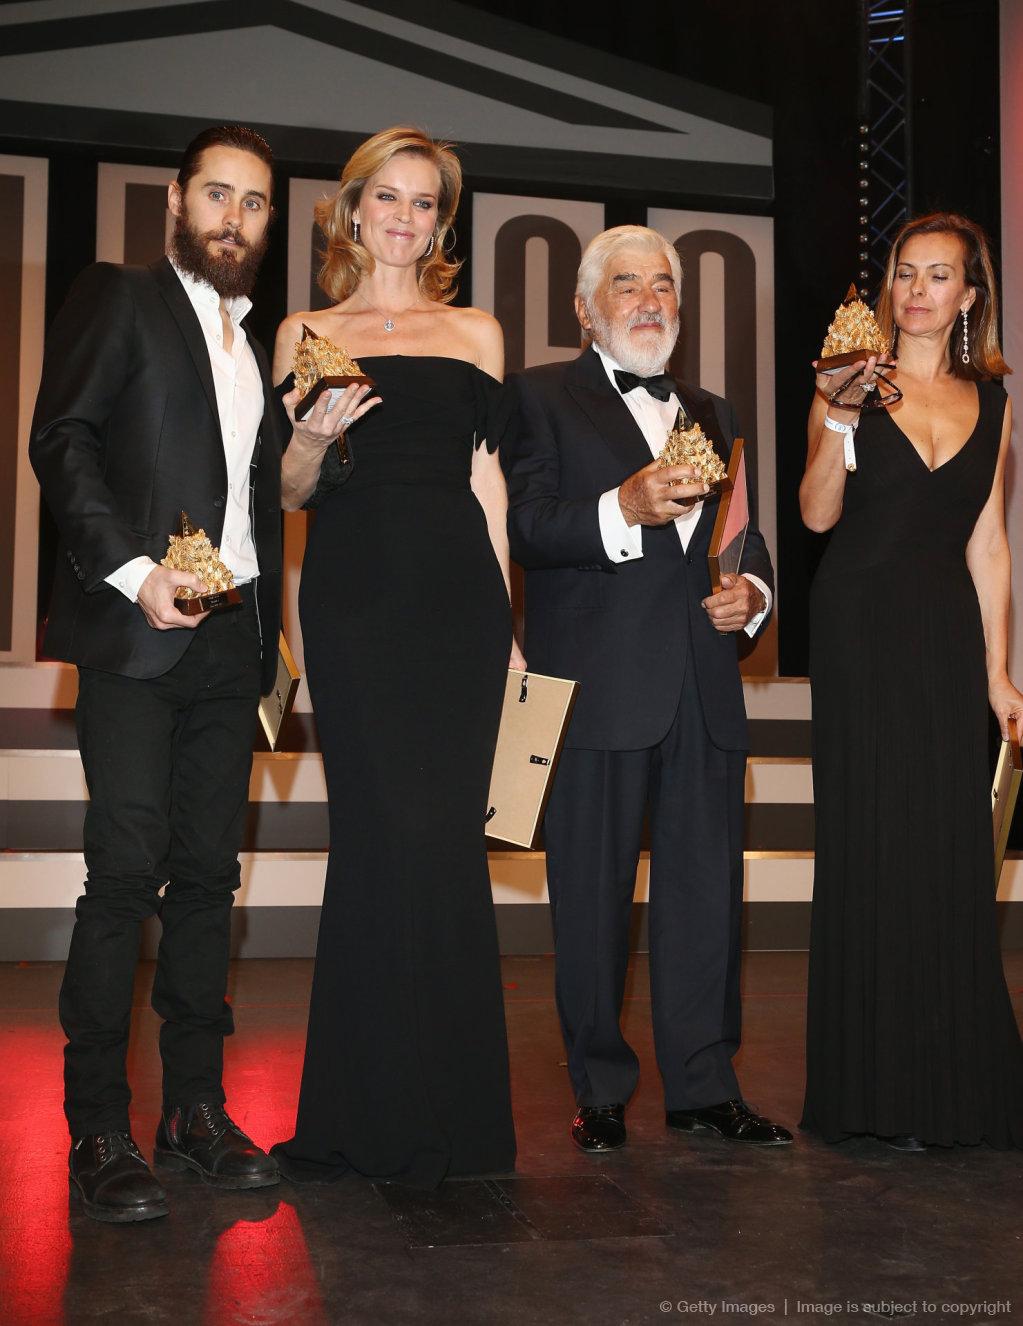 Jared récompensé par l'UNESCO 7460d34f-896f-3d16-9eec-6d96f2f11e86